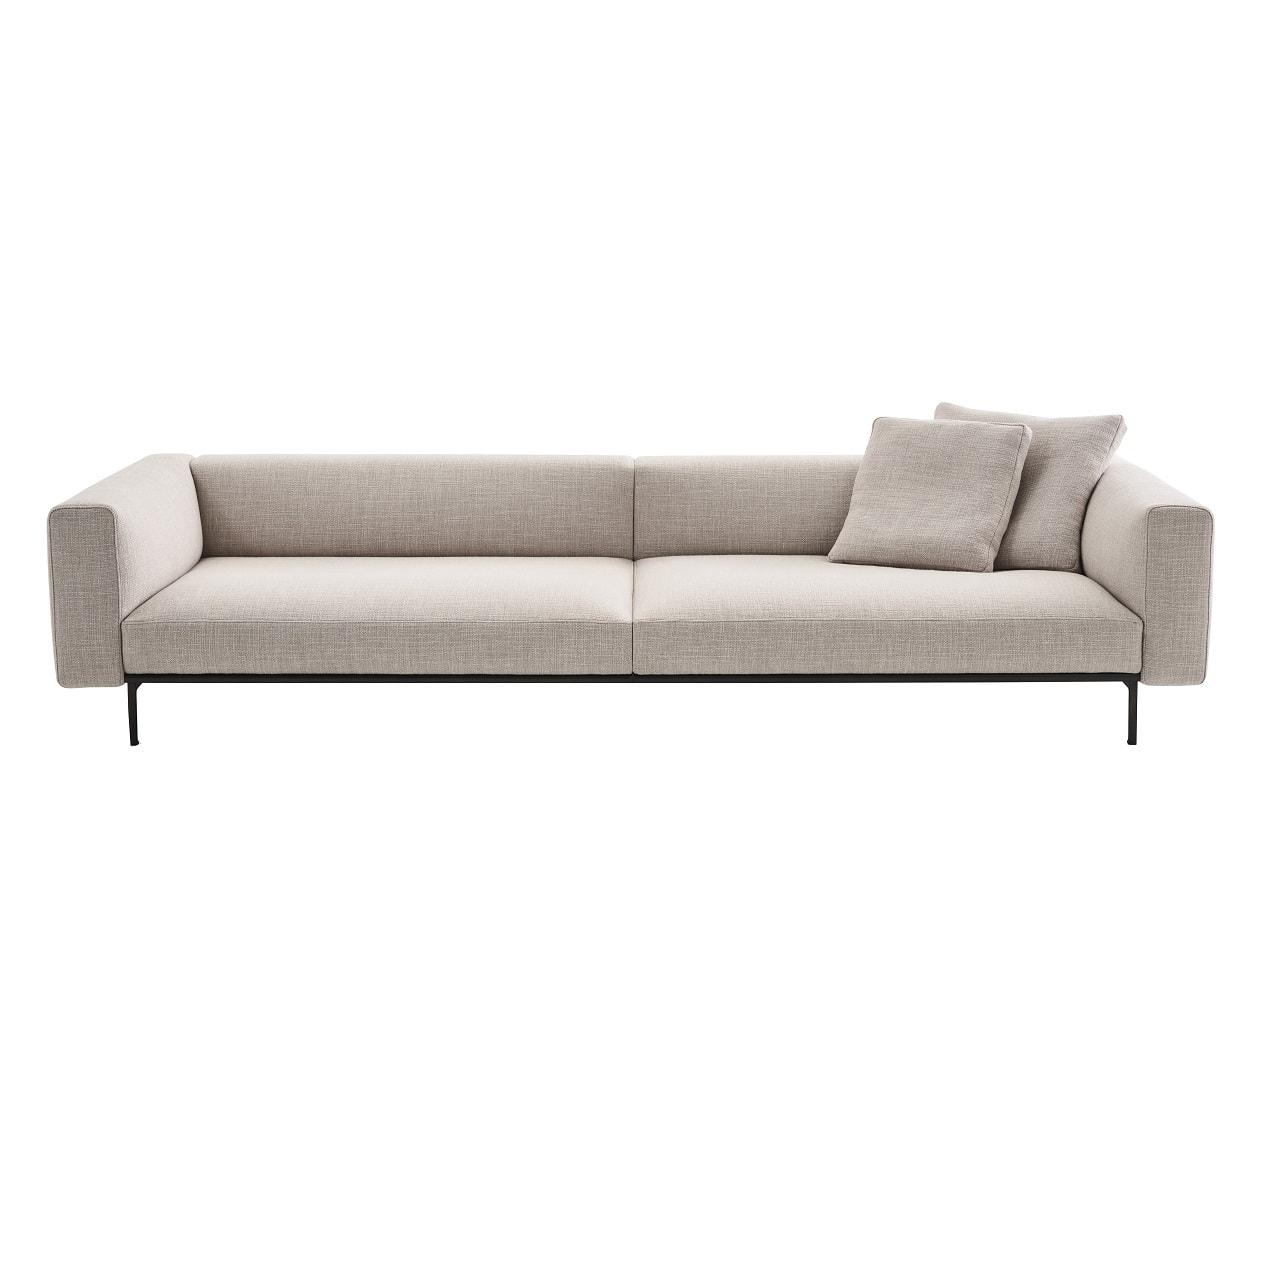 Piero Lissoni Collection Matic Sofa